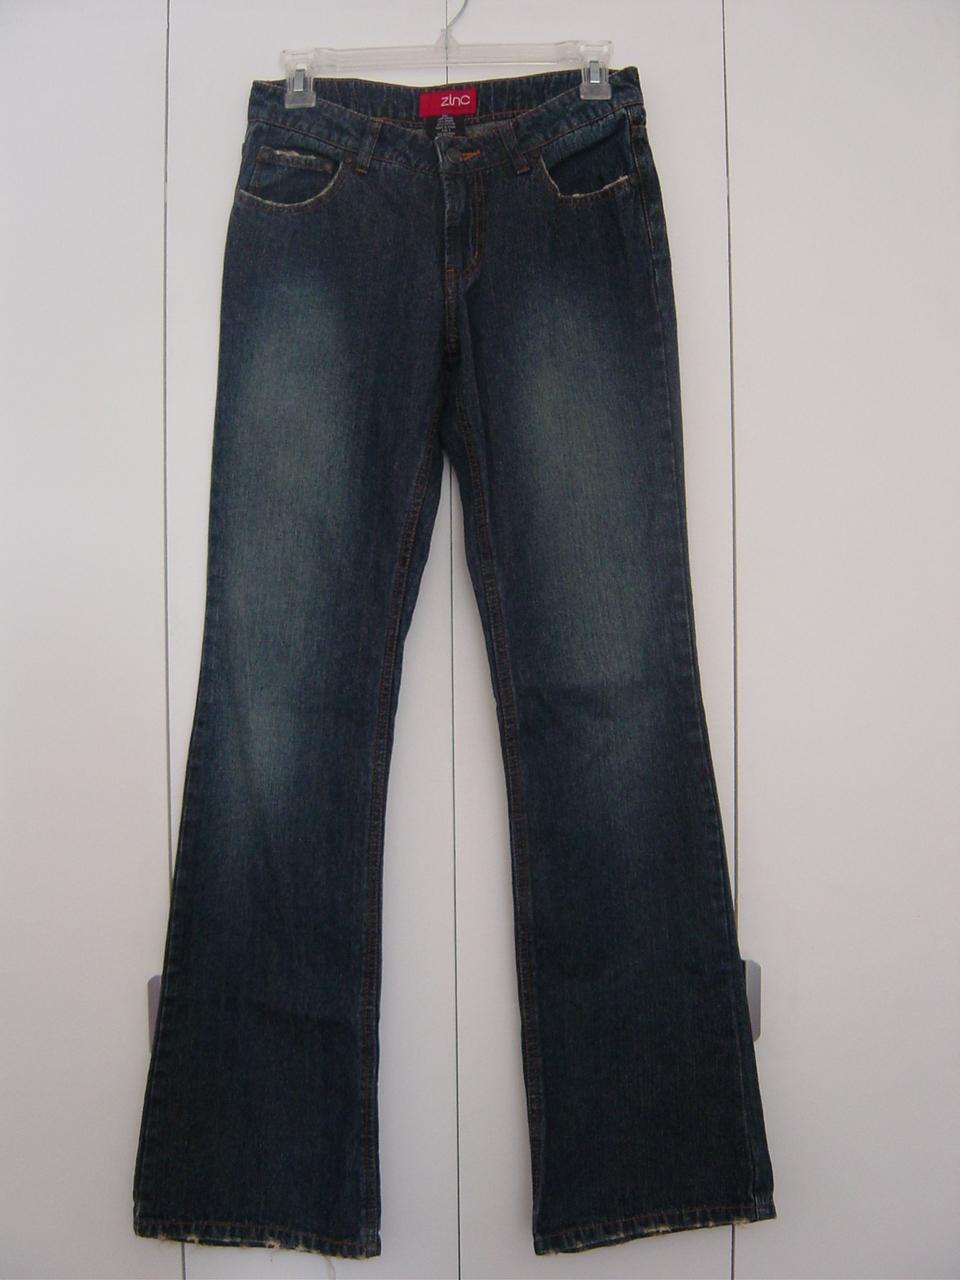 Zinc Jeans (Size 1) NWOT